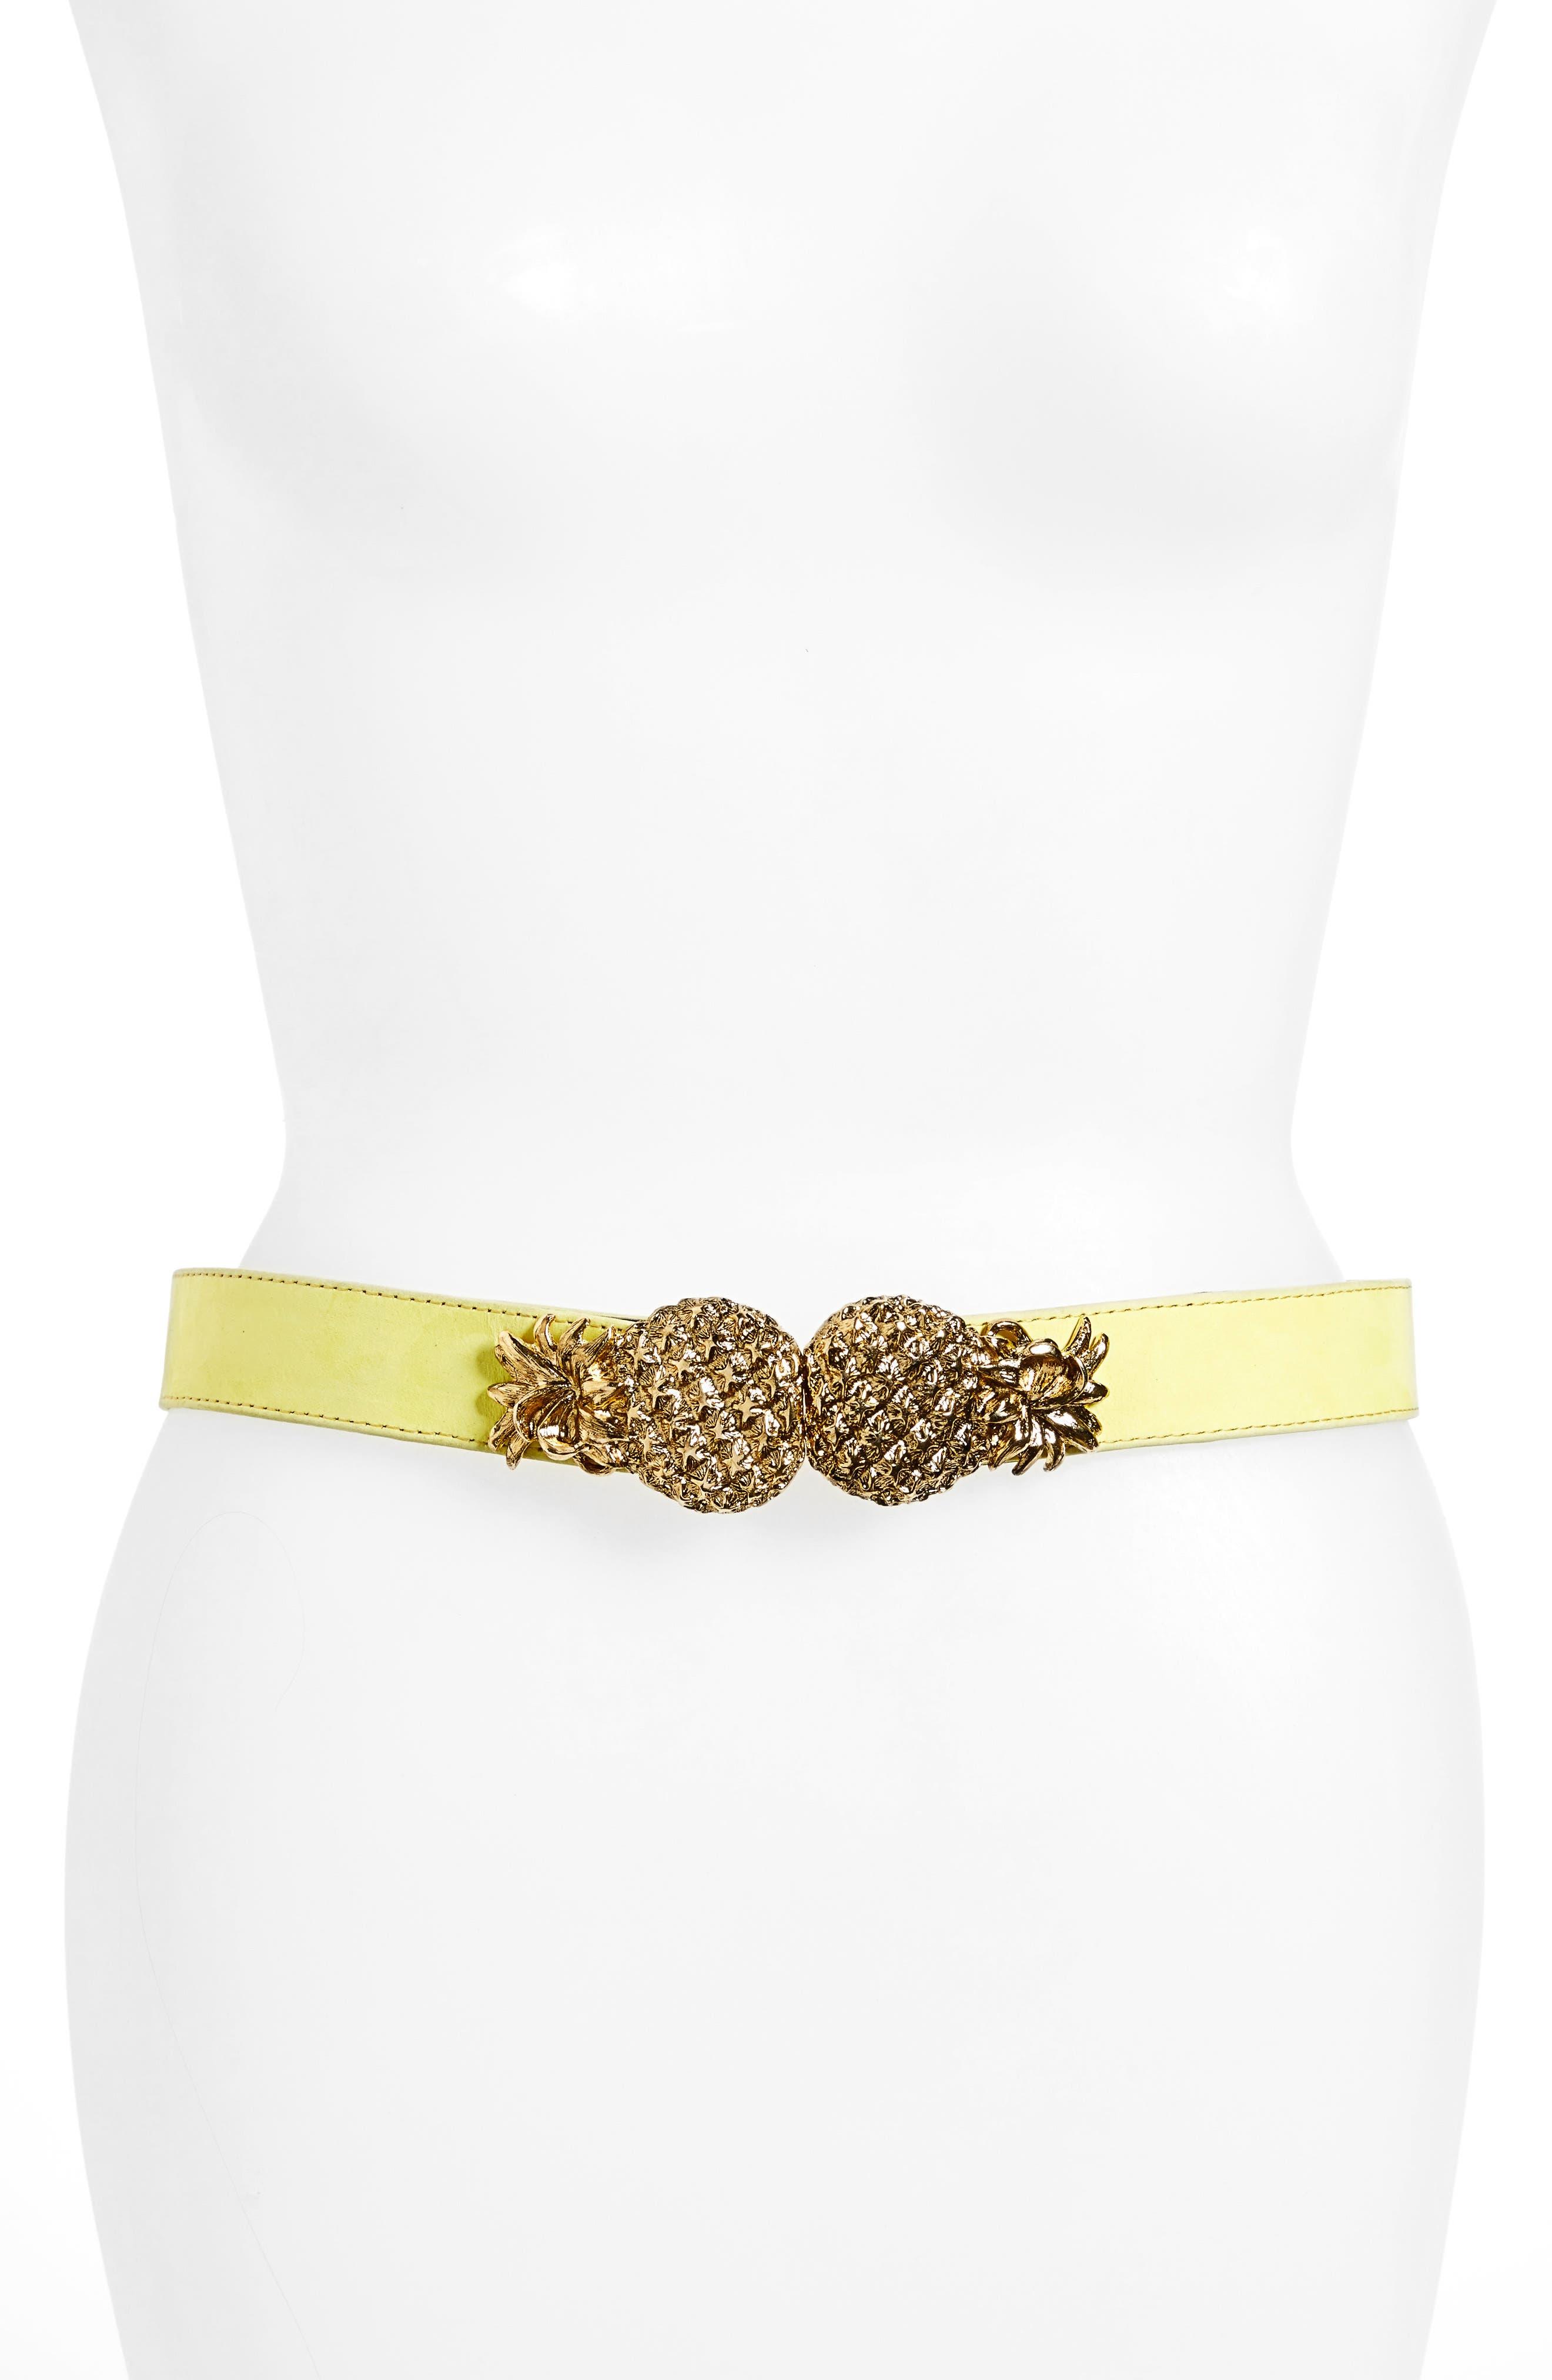 Raina Pina Leather Belt, Size One Size - Yellow